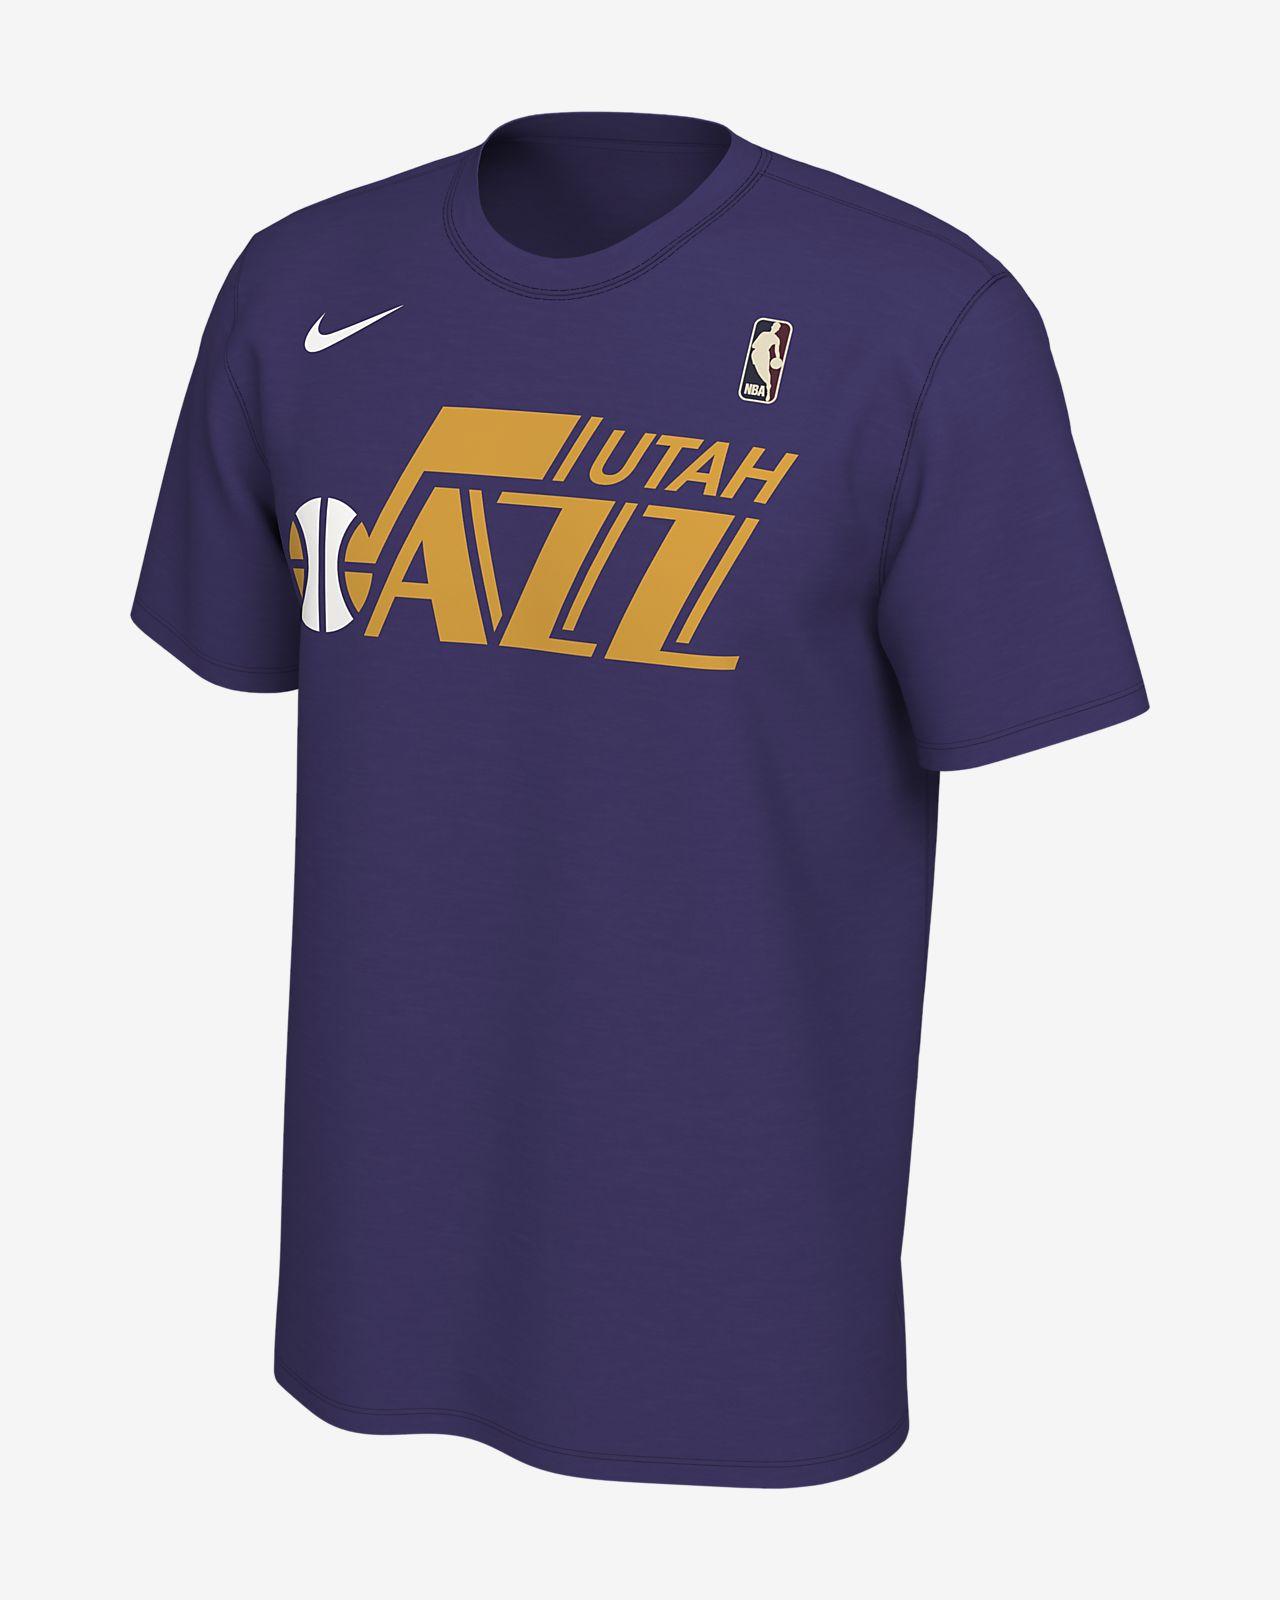 Utah Jazz Nike Dri-FIT Men's NBA T-Shirt